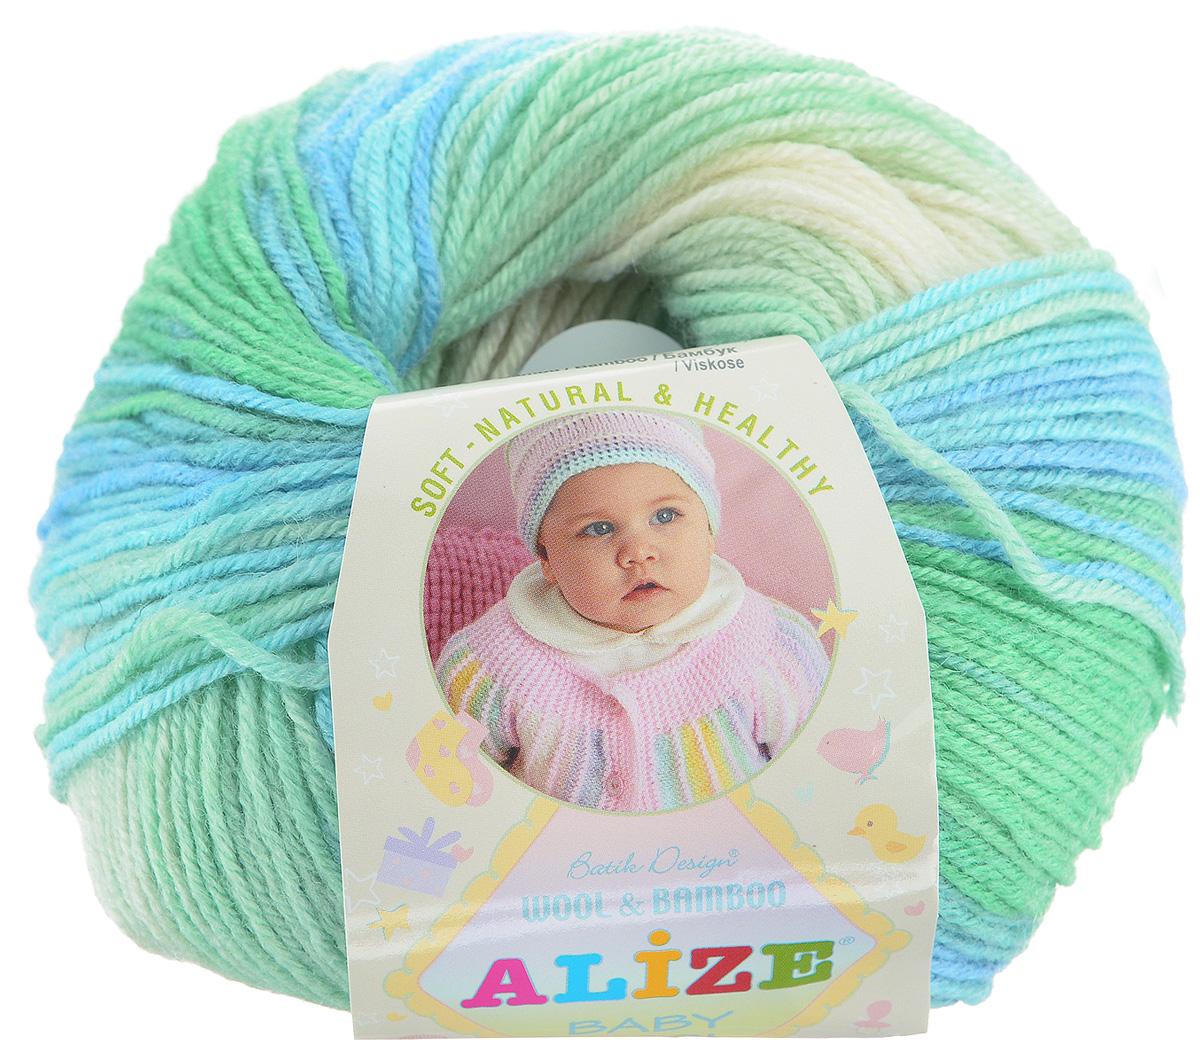 цена на Пряжа для вязания Alize Baby Wool Batik Design, цвет: белый, зеленый, голубой (4389), 175 м, 50 г, 10 шт